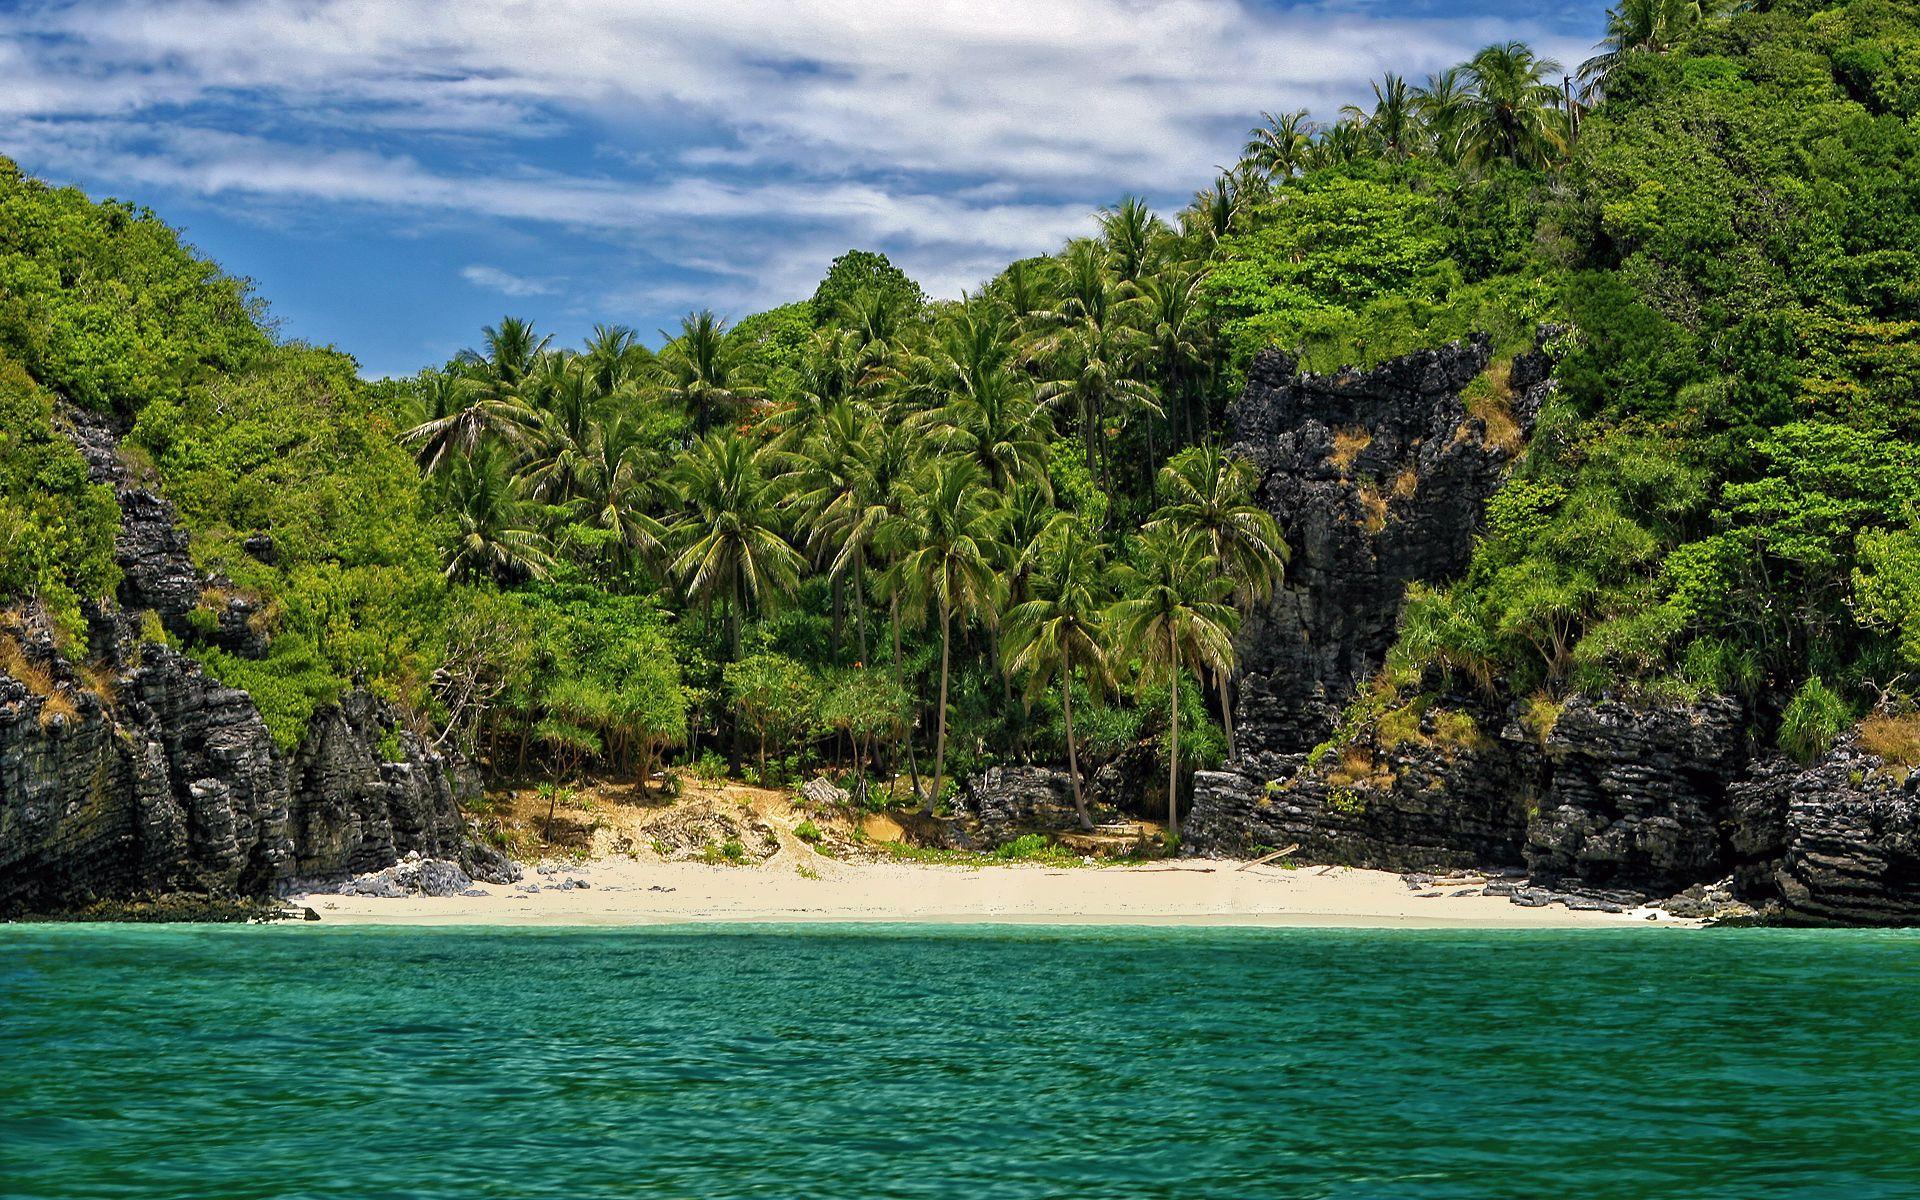 маленькие острова среди гор  № 253104 без смс